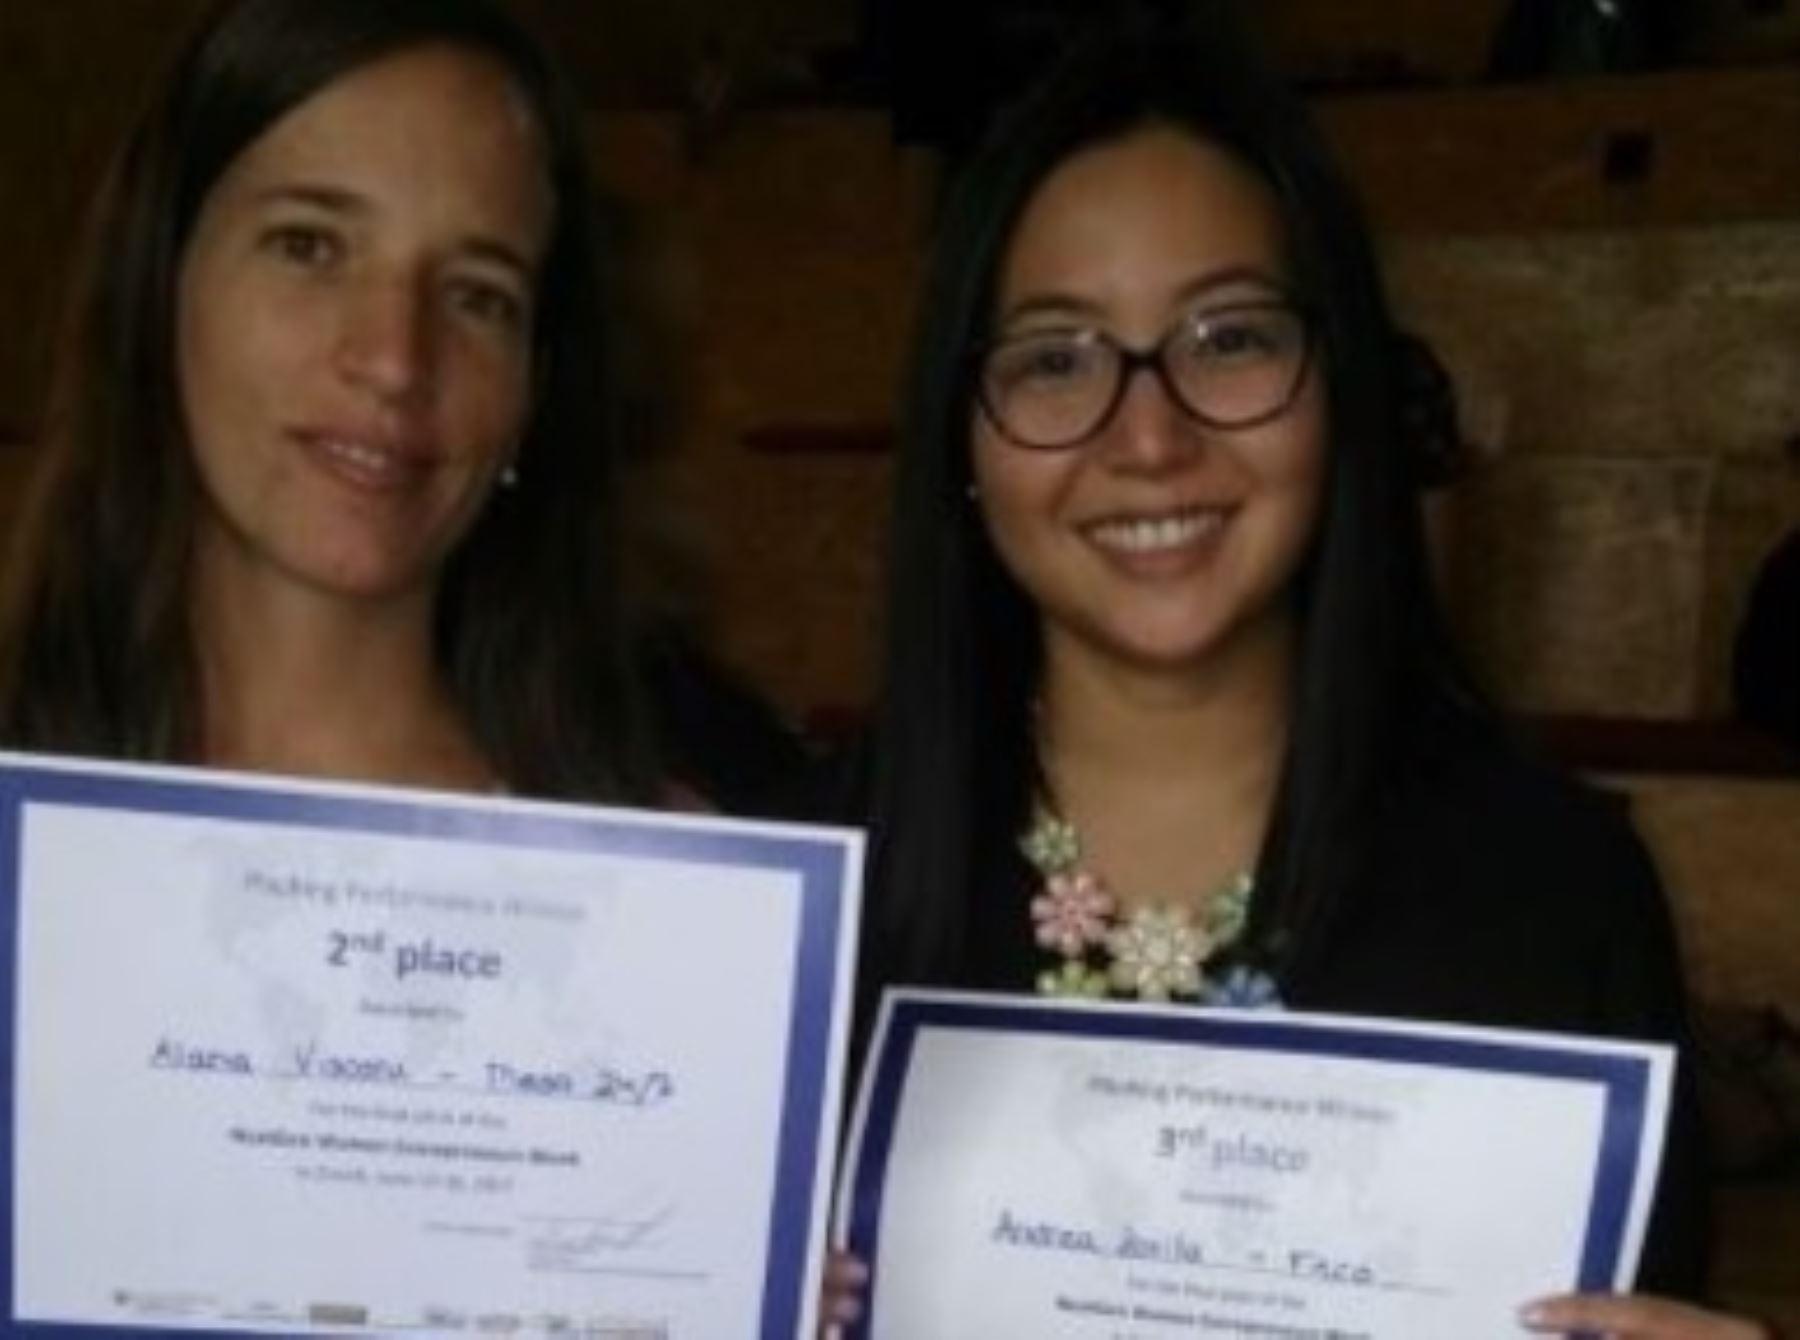 Peruanas tuvieron lugar destacable en concurso sobre emprendimiento. Foto: Difusión